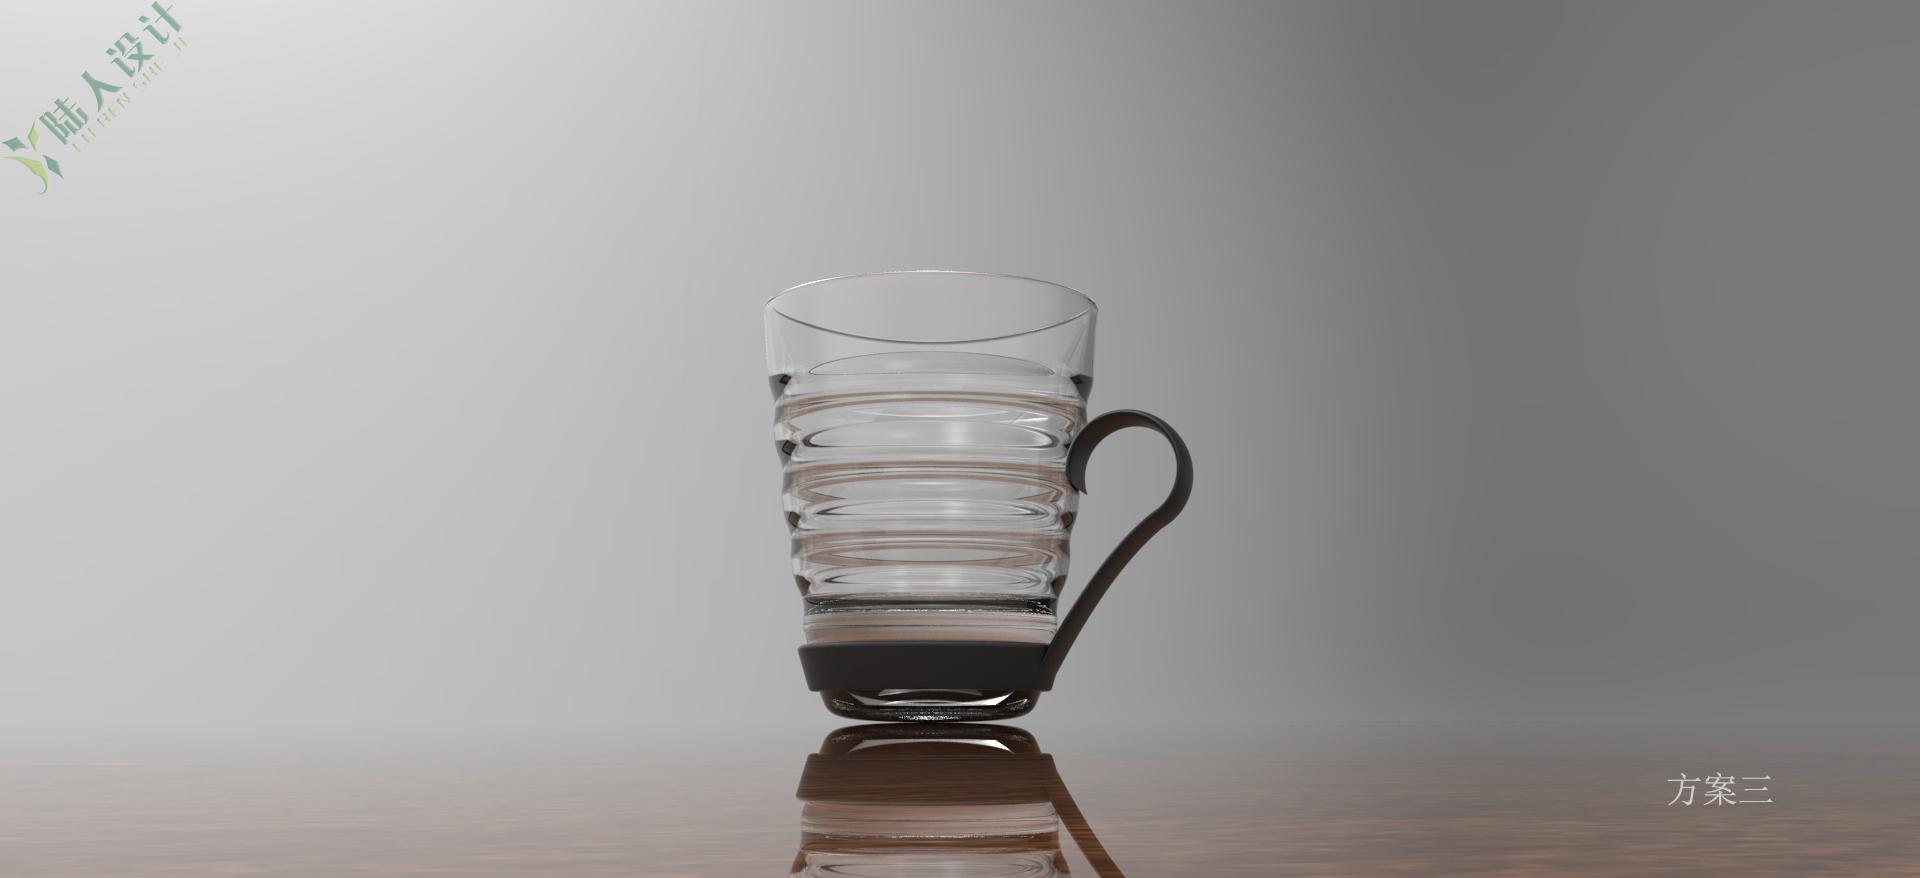 一款简单的家用水杯改良设计